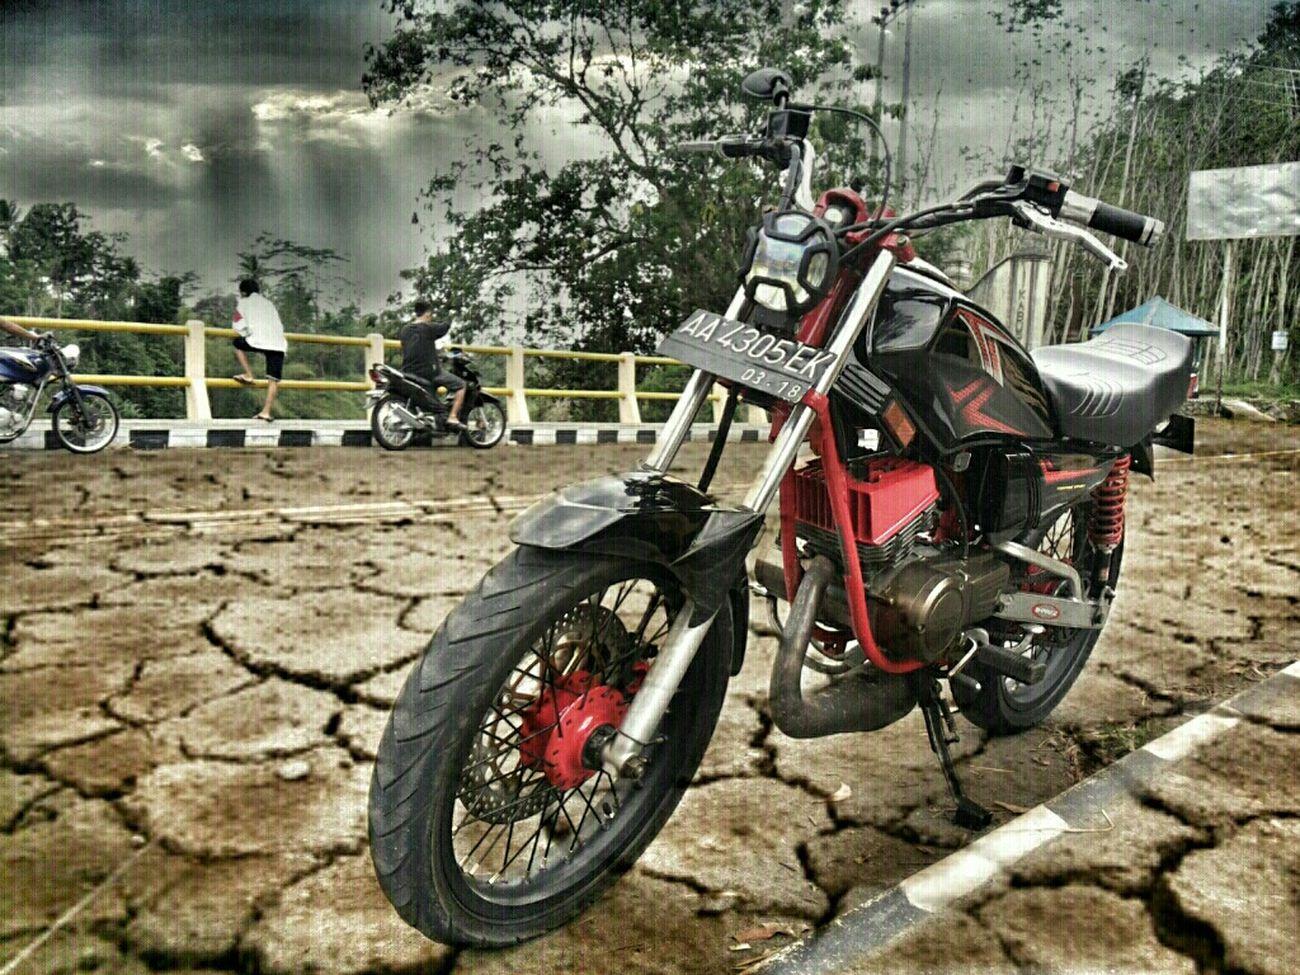 RxKing Rx King 135cc Rx135 Raja Jalanan Yamaha YRKI Rx King Tugu Ireng King Perbatasan Touring